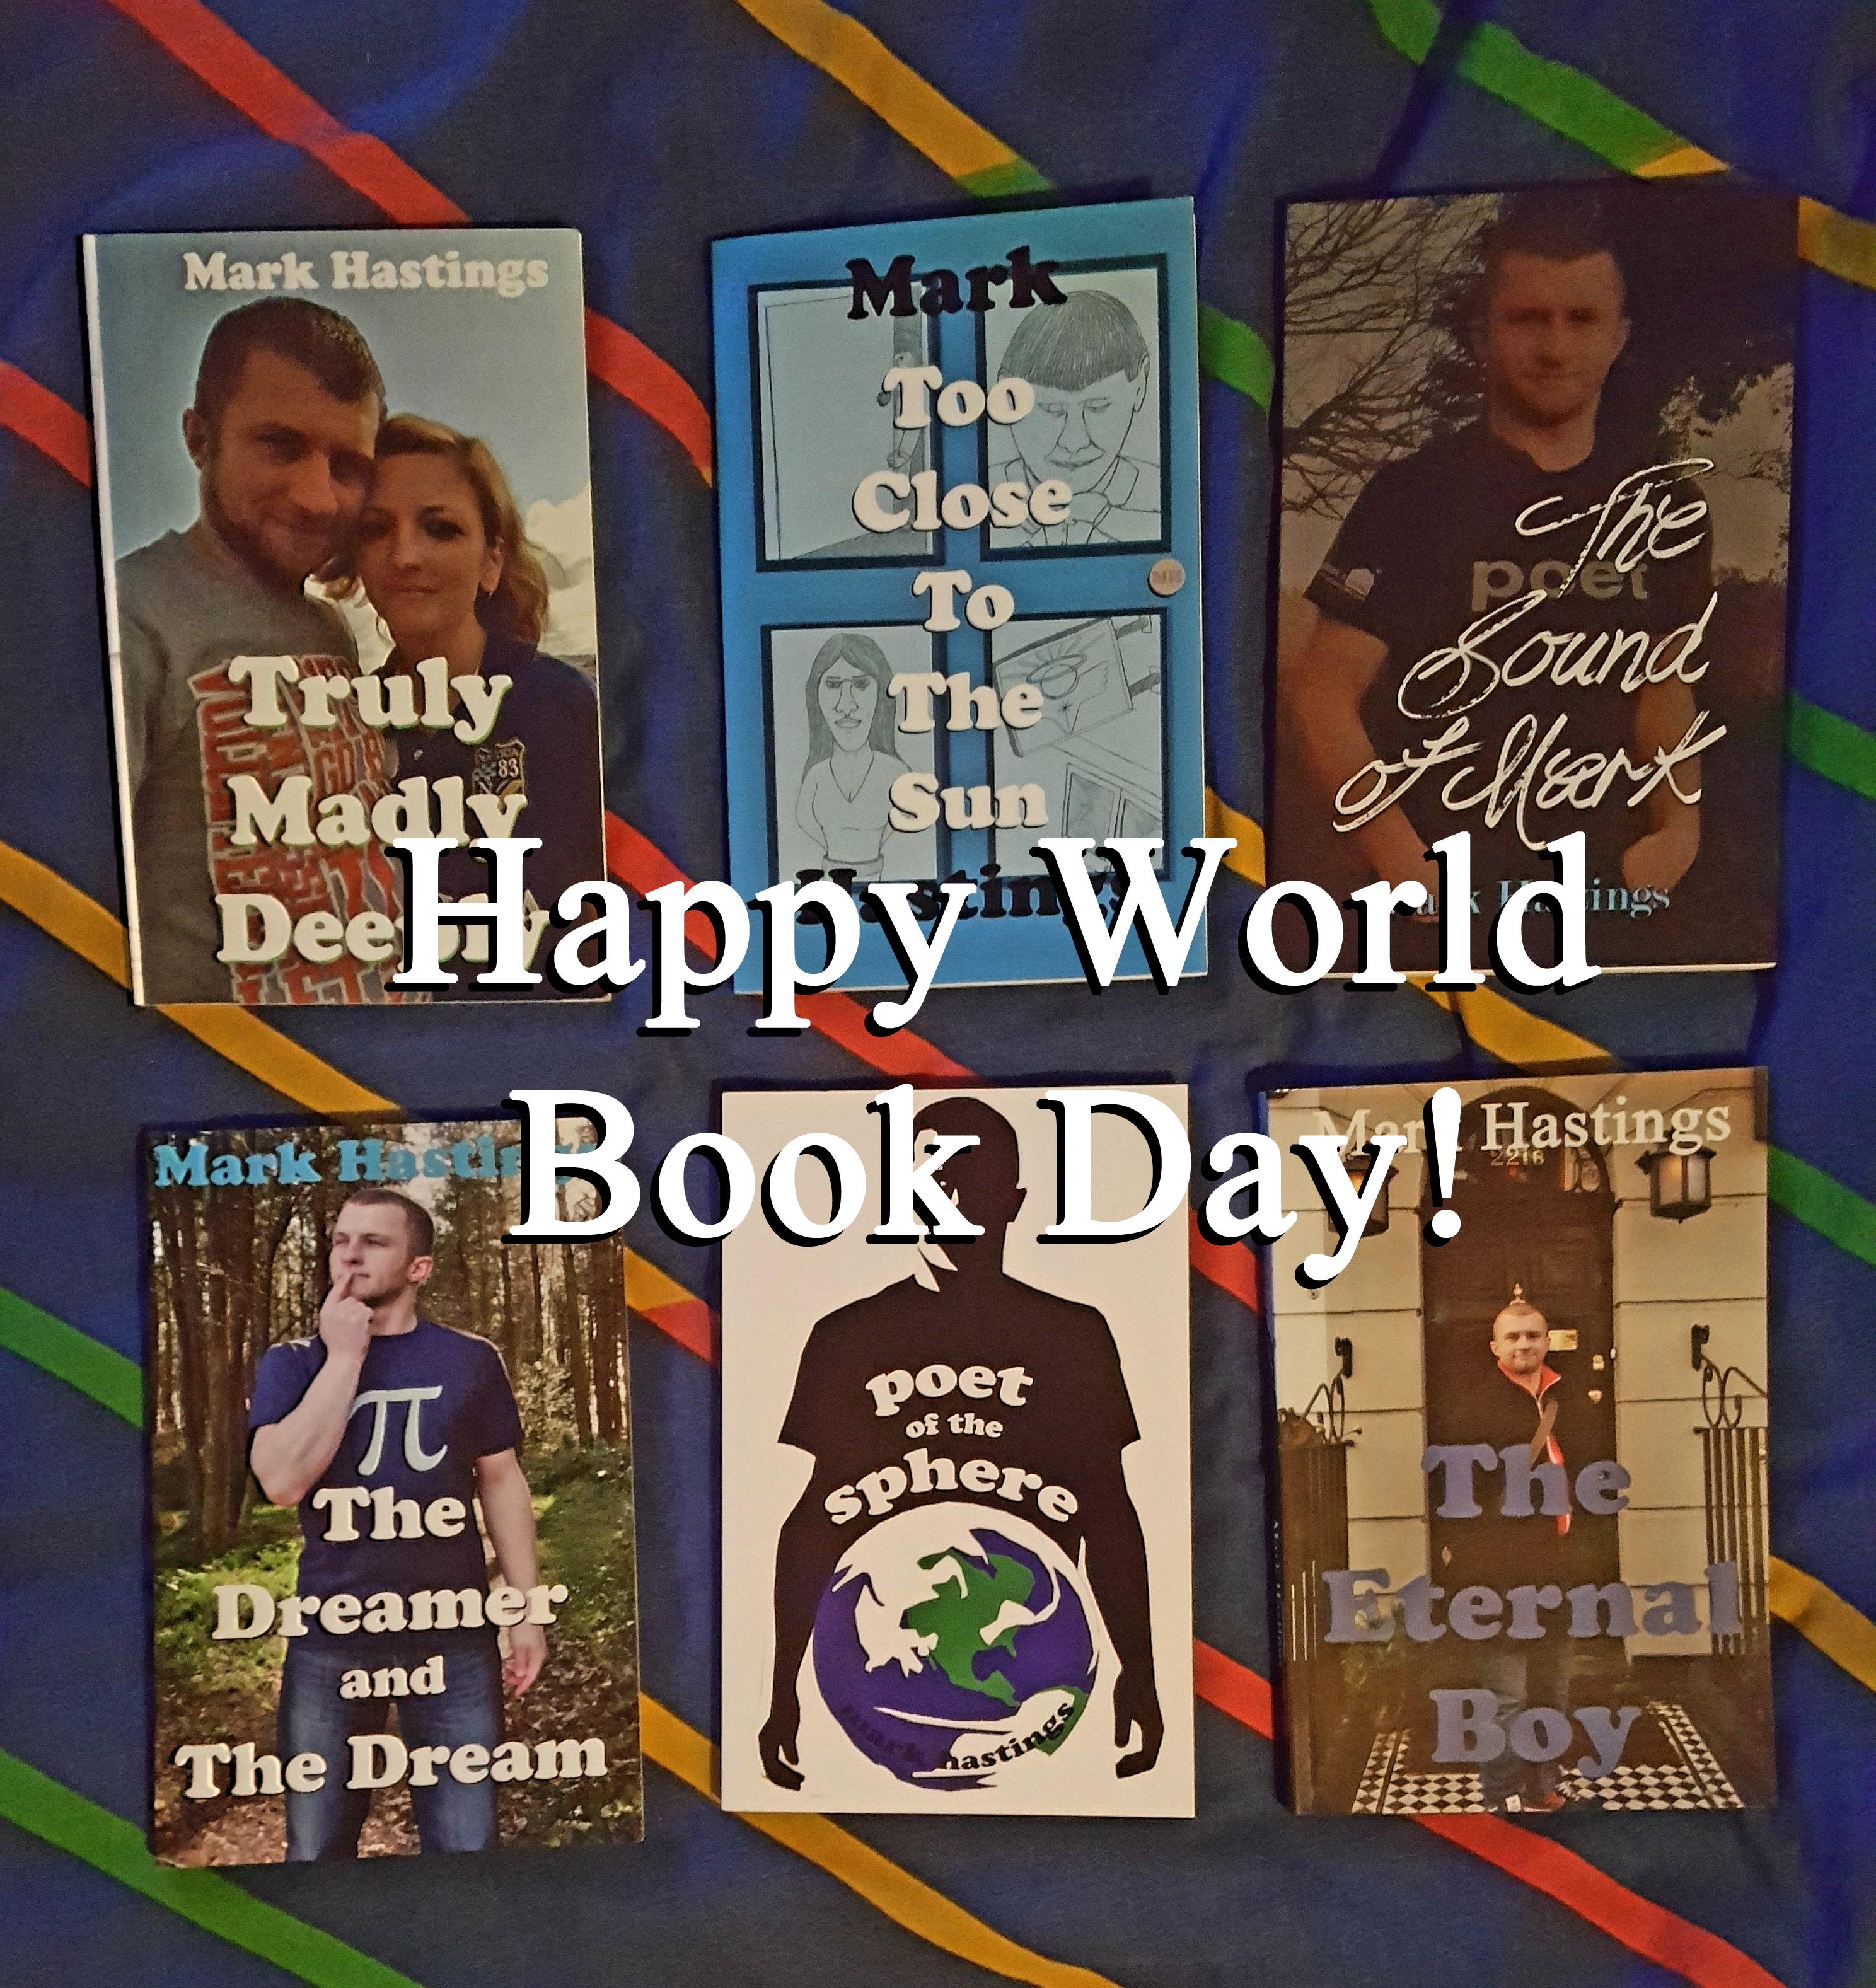 happyworldbookday2017